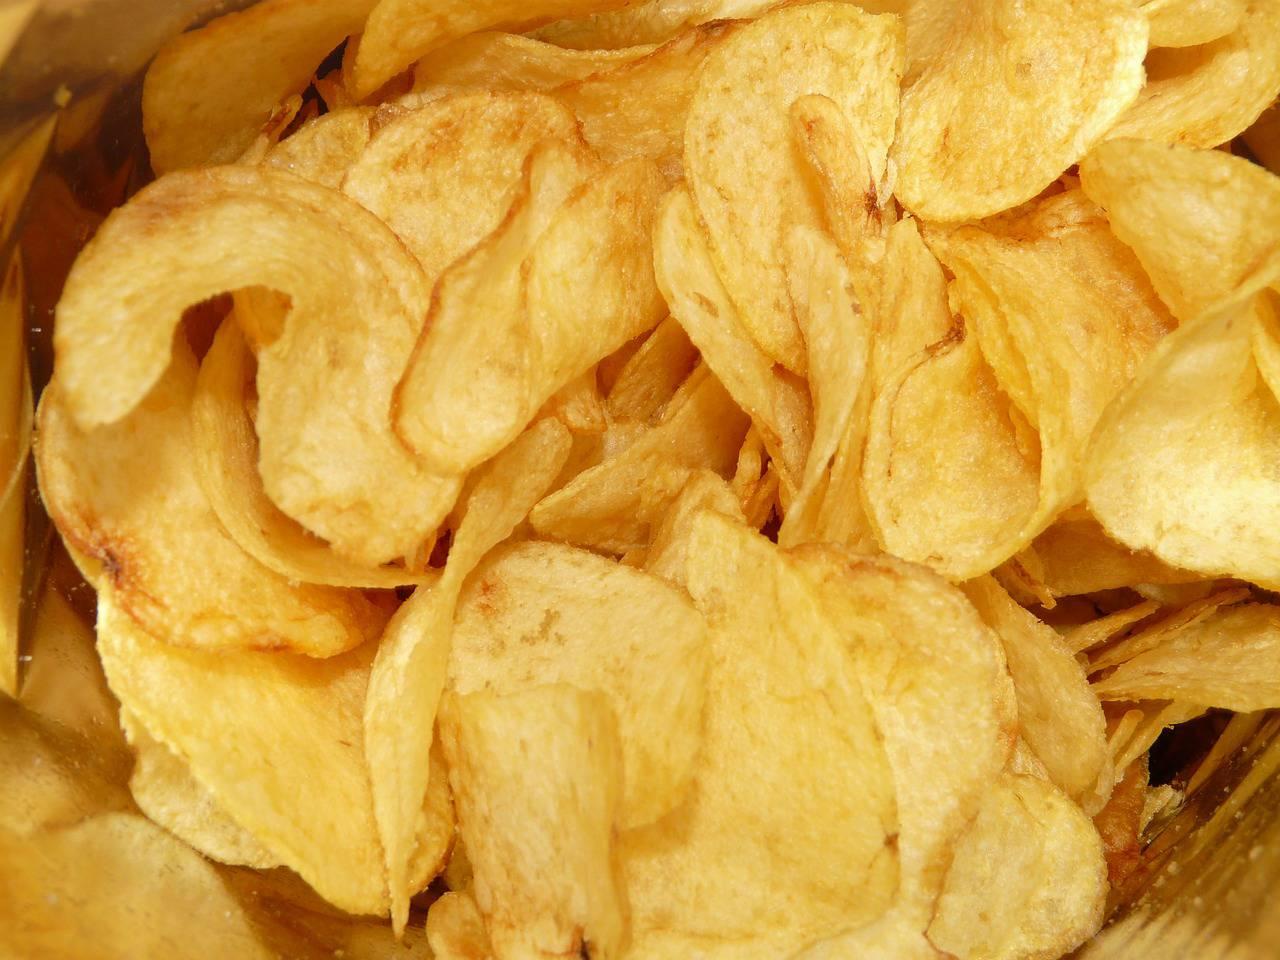 Patatine fritte cancerogene? Tre marche su 6 con ingrediente pericoloso